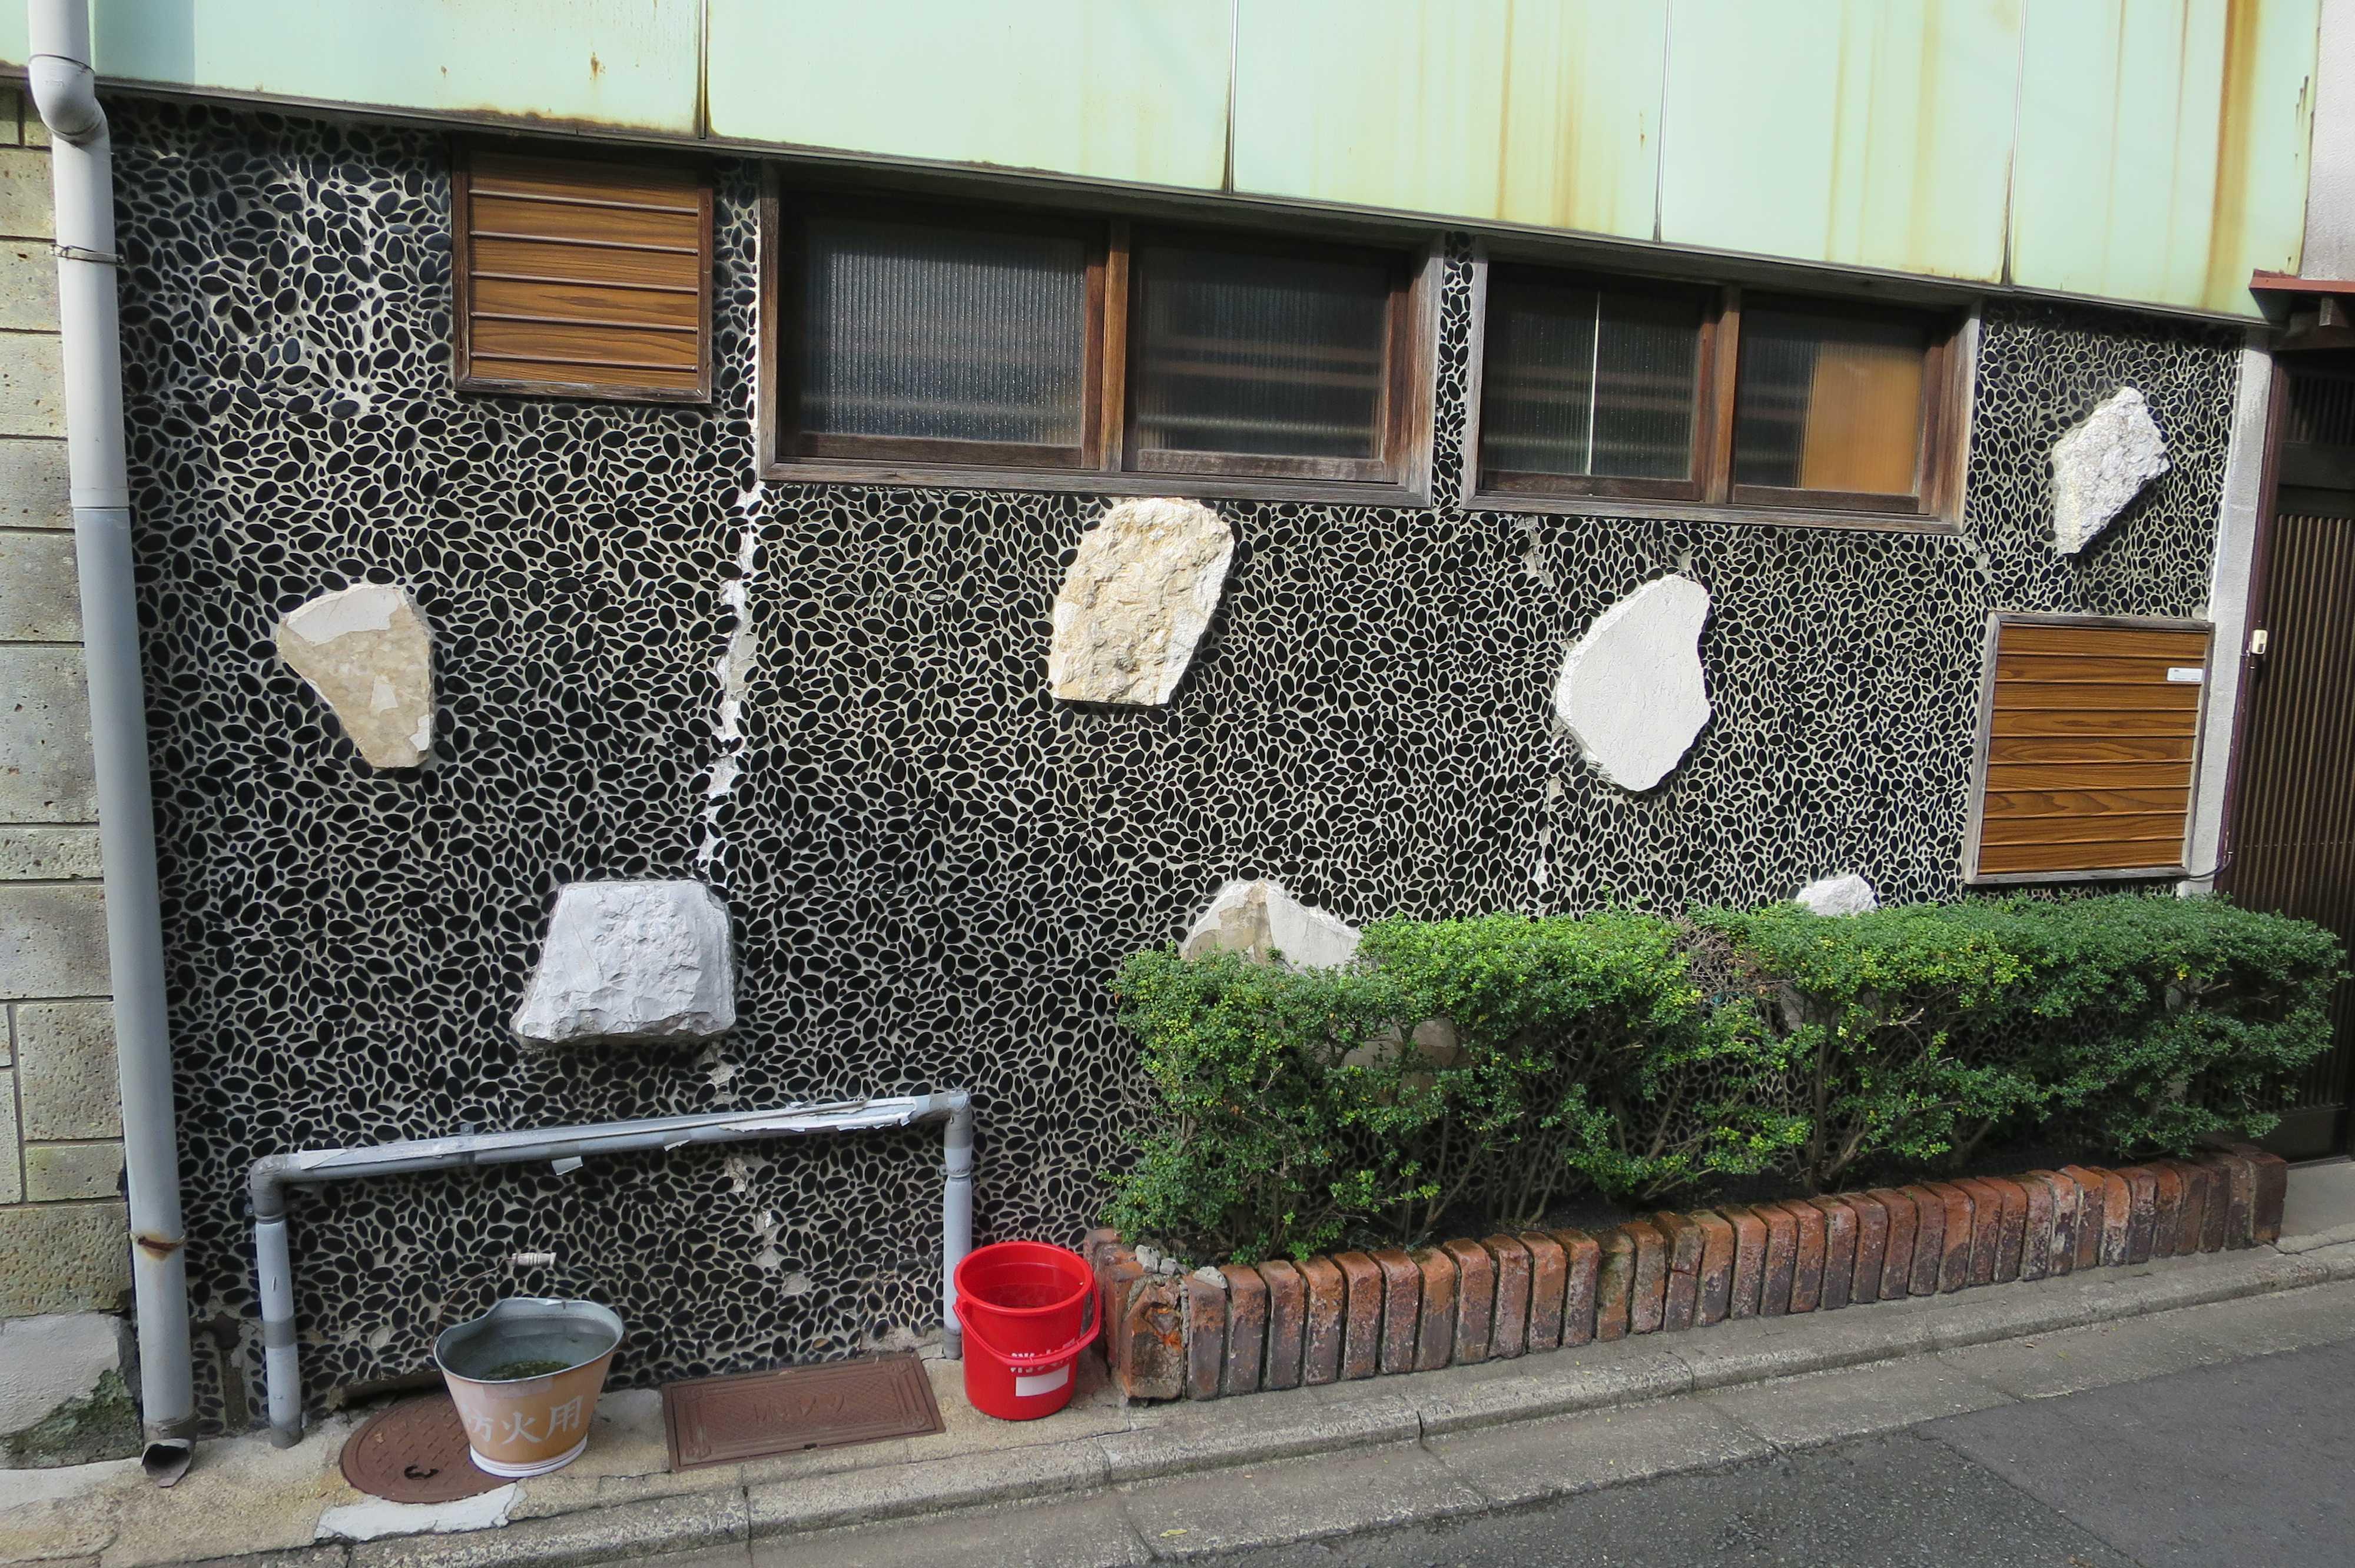 京都・五条楽園 - 壁一面がレトロな玉石タイルの家